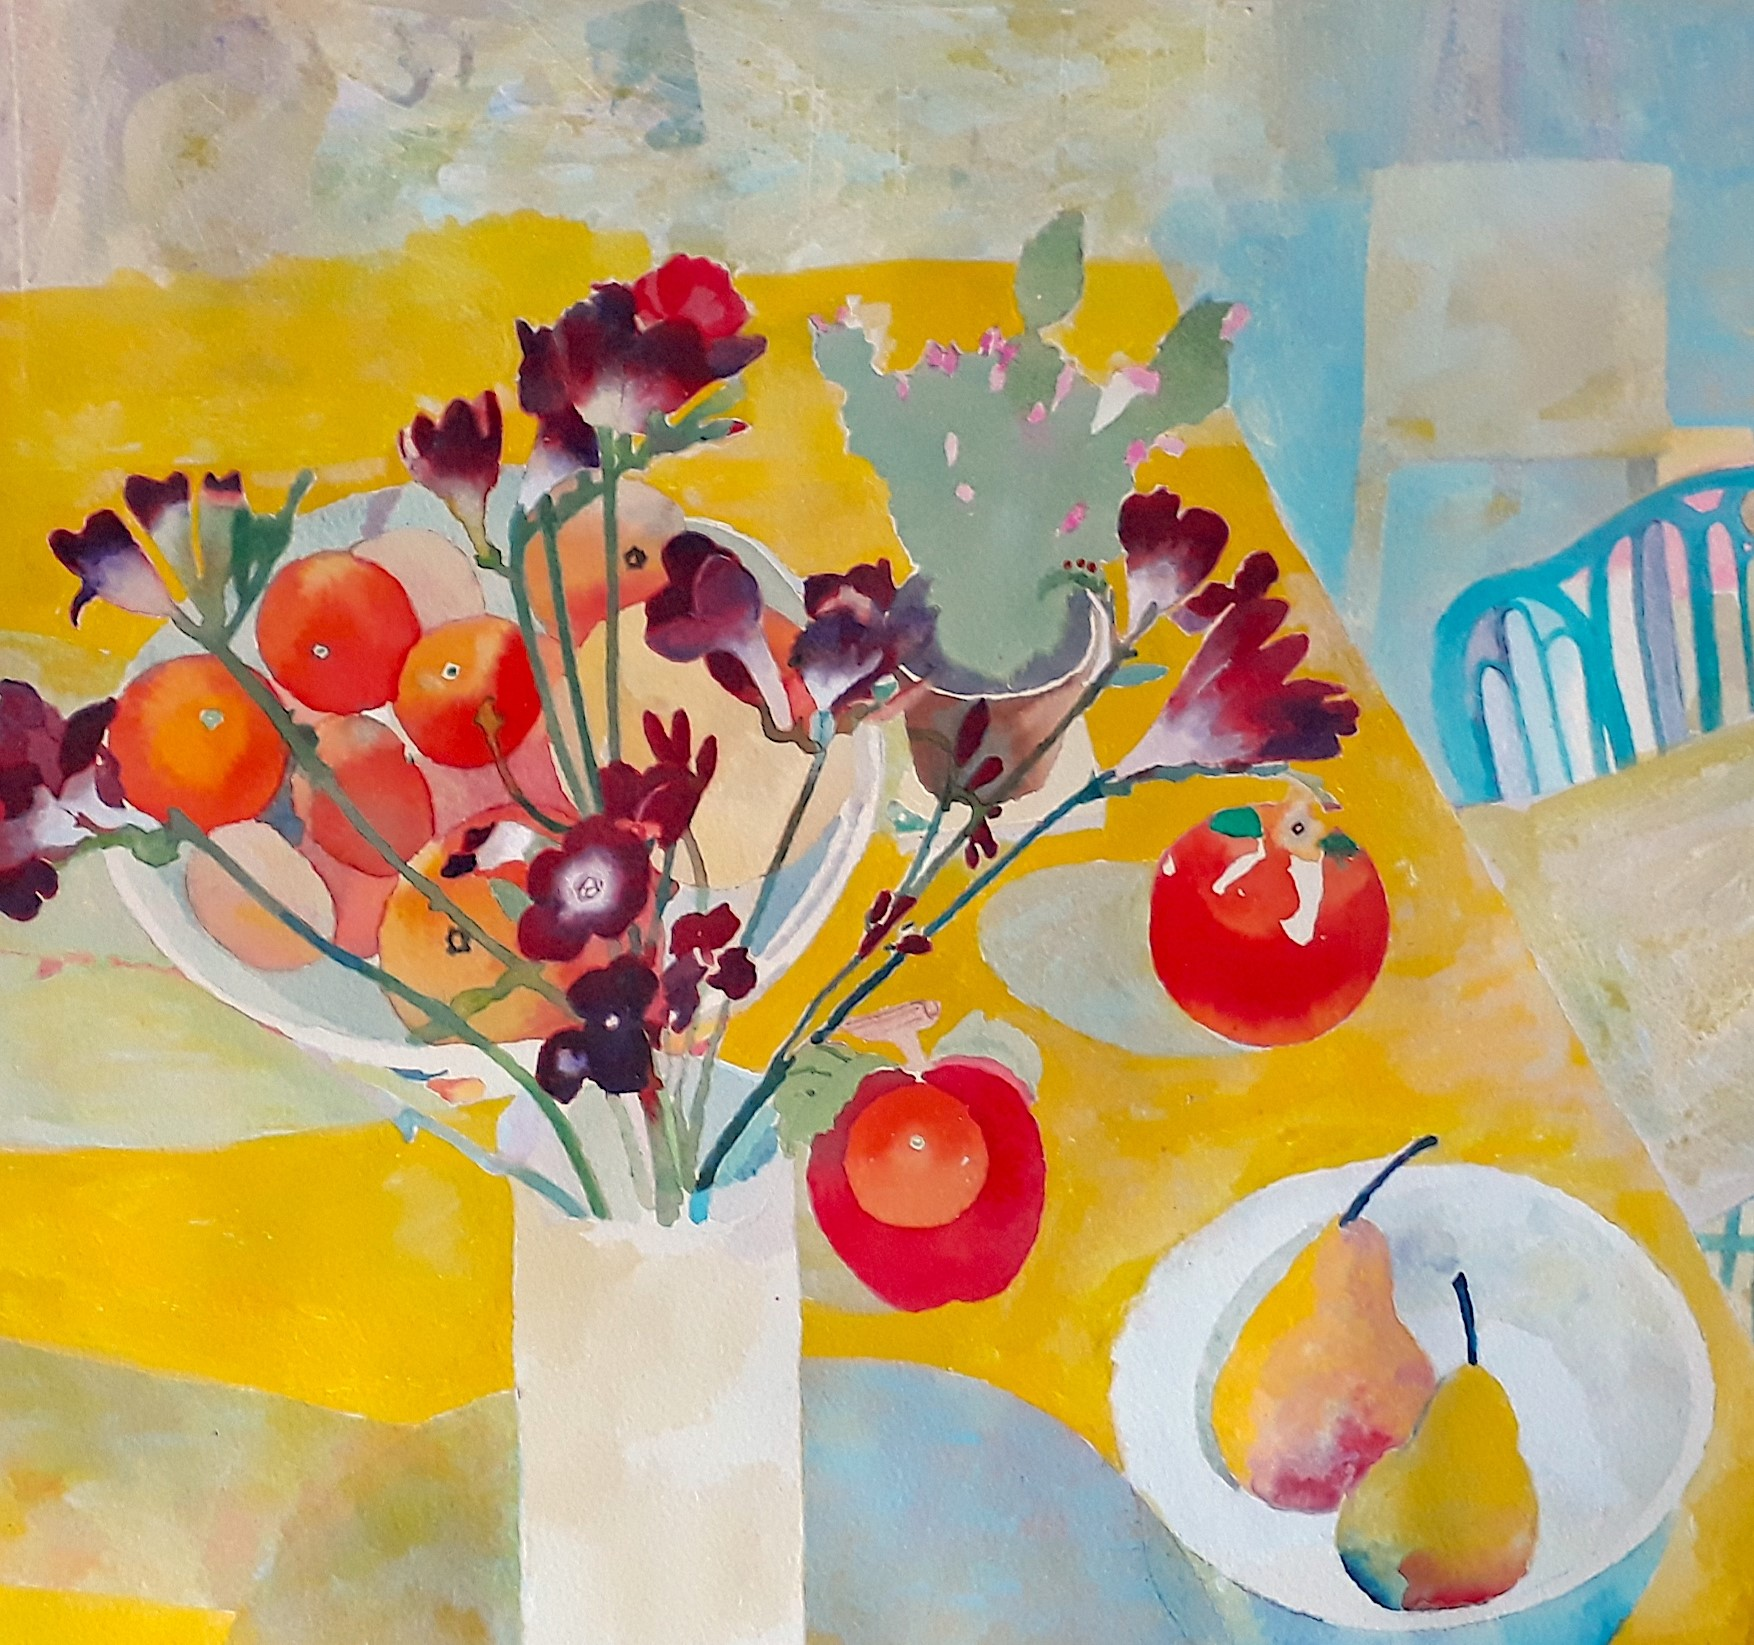 Nicola Gregory Gallery 11